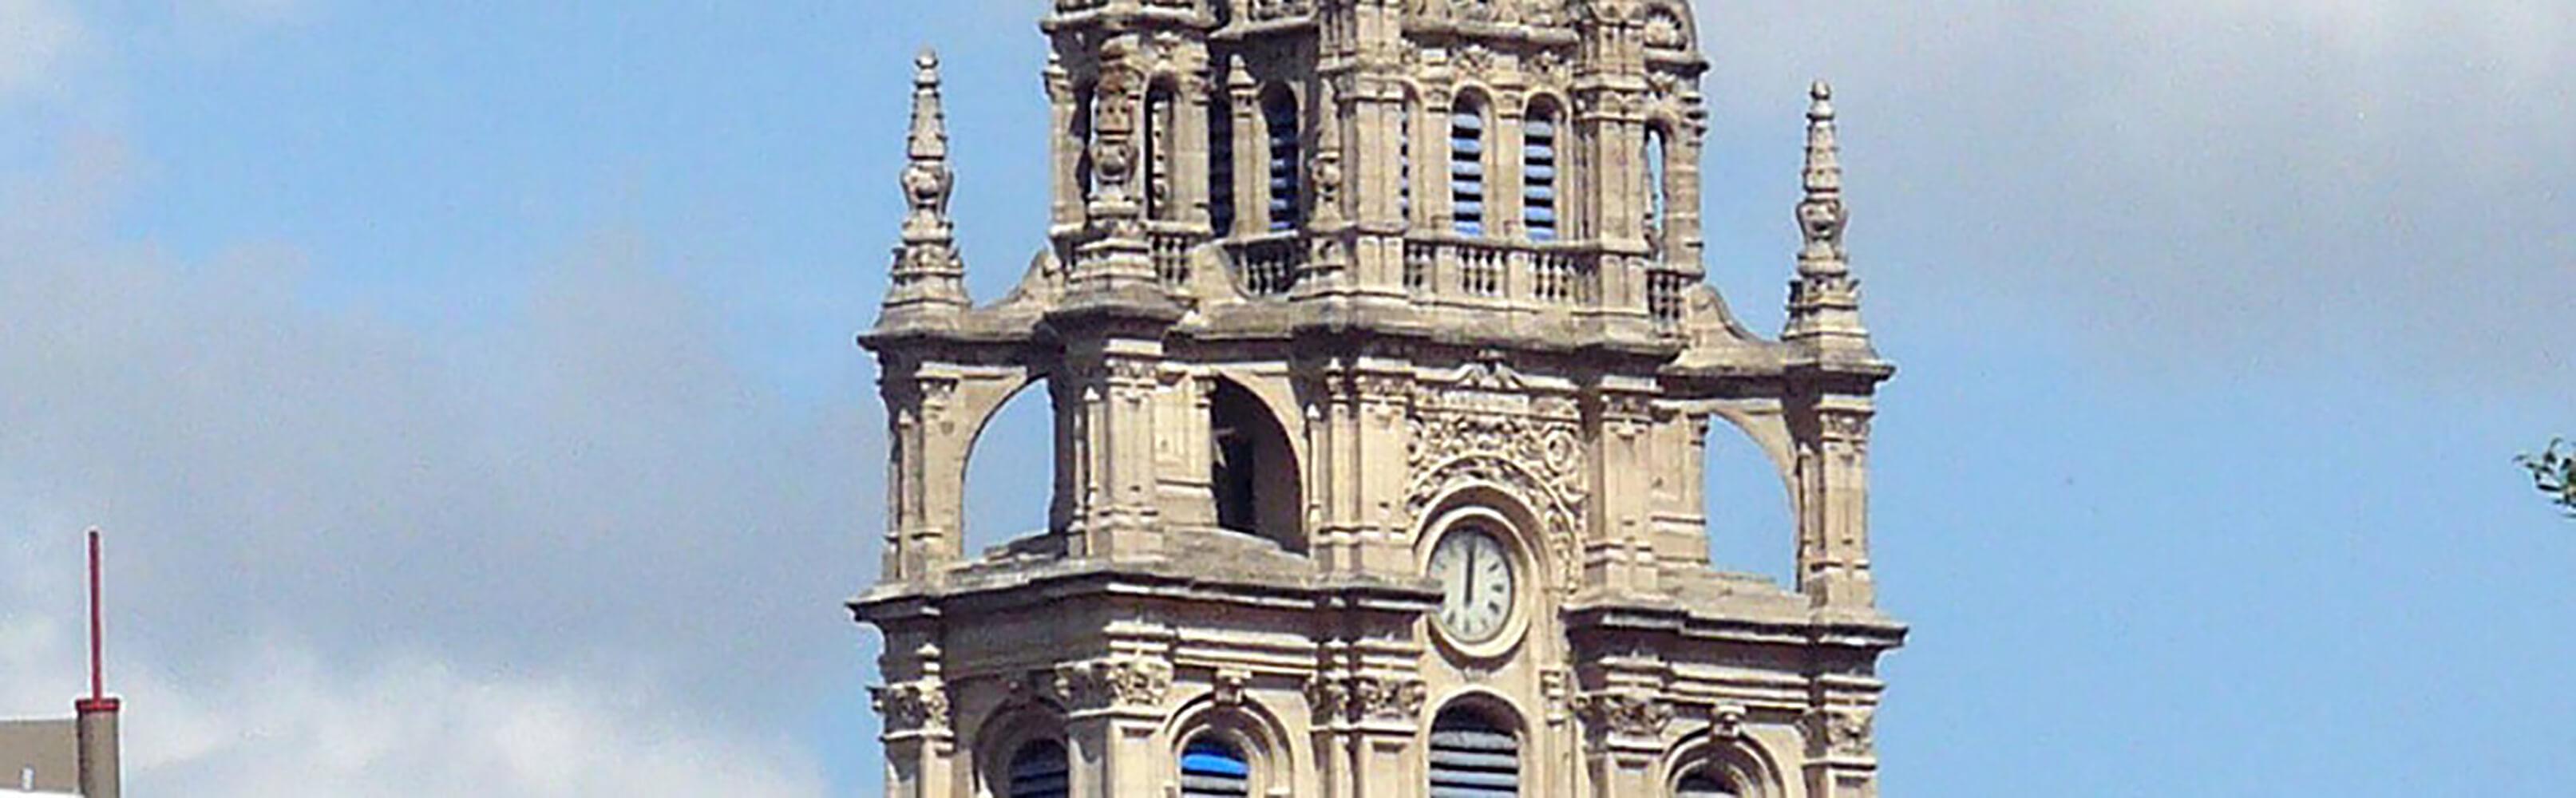 Basílica de Begoña 1